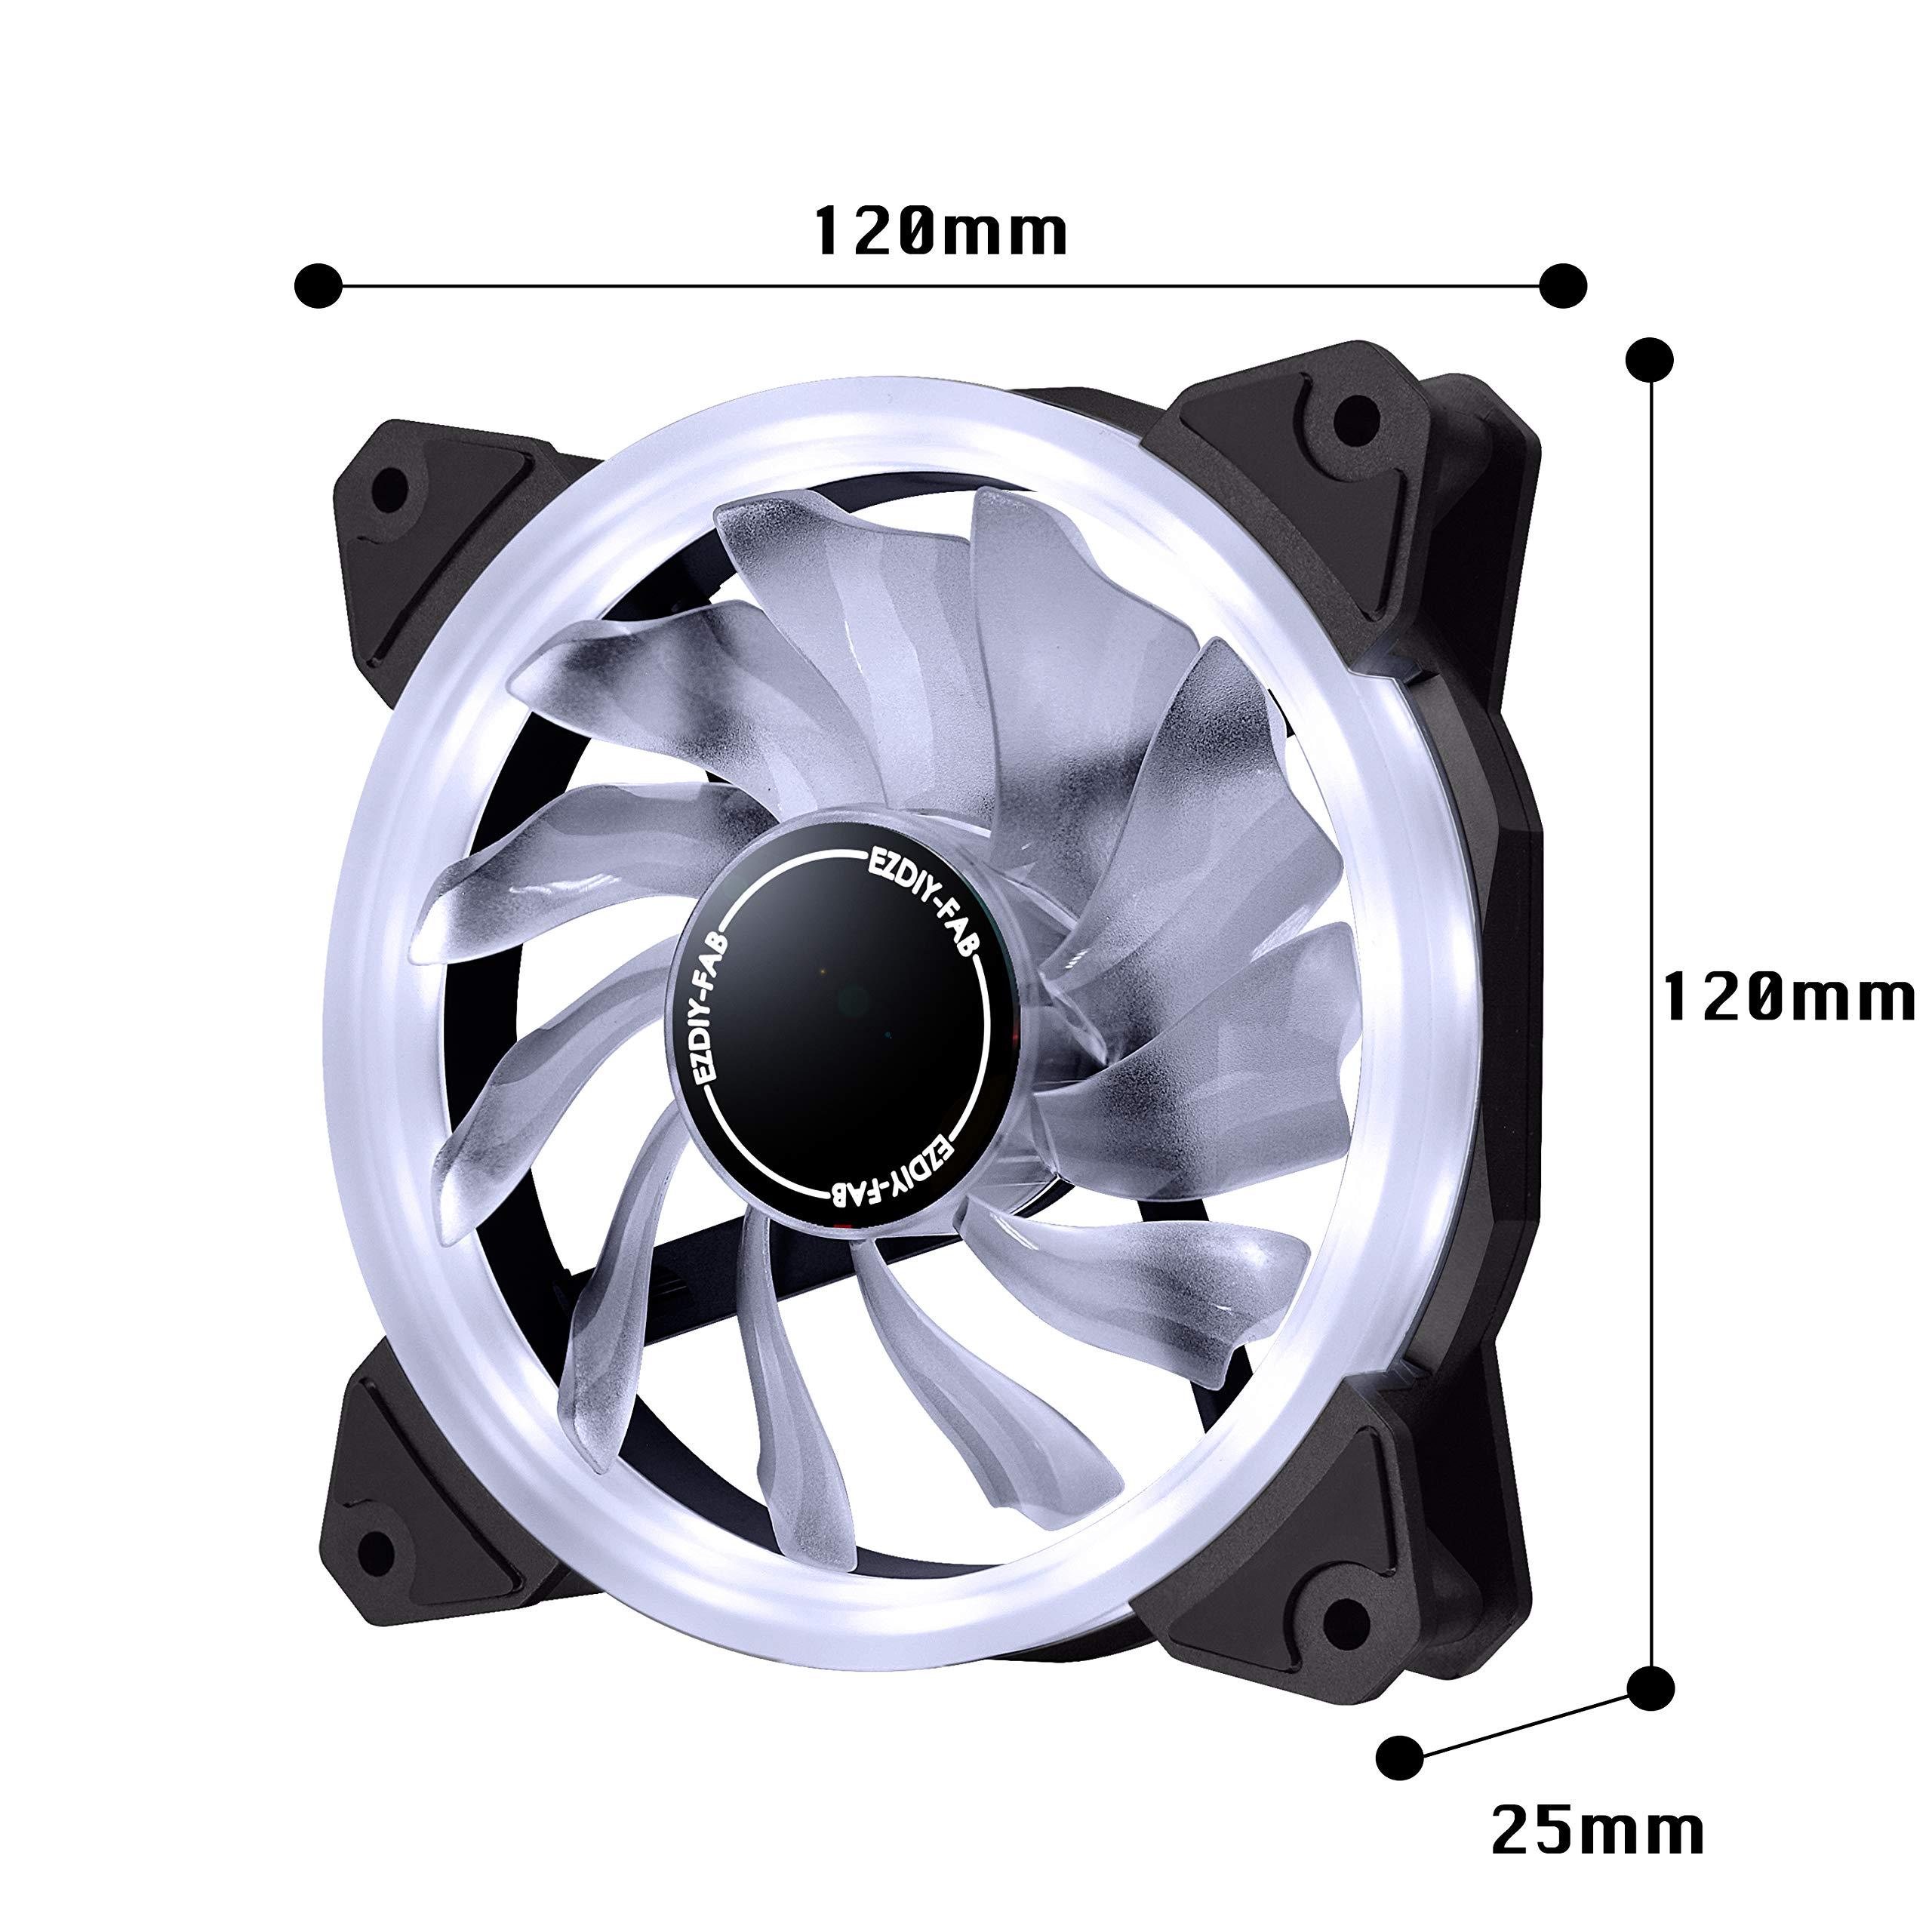 EZDIY-FAB Ventilador de Anillo LED de 120mm,Ventilador de Caja LED,Refrigerador de CPU y Radiadores,Blanco 3 Pin 3 Pack: Amazon.es: Electrónica